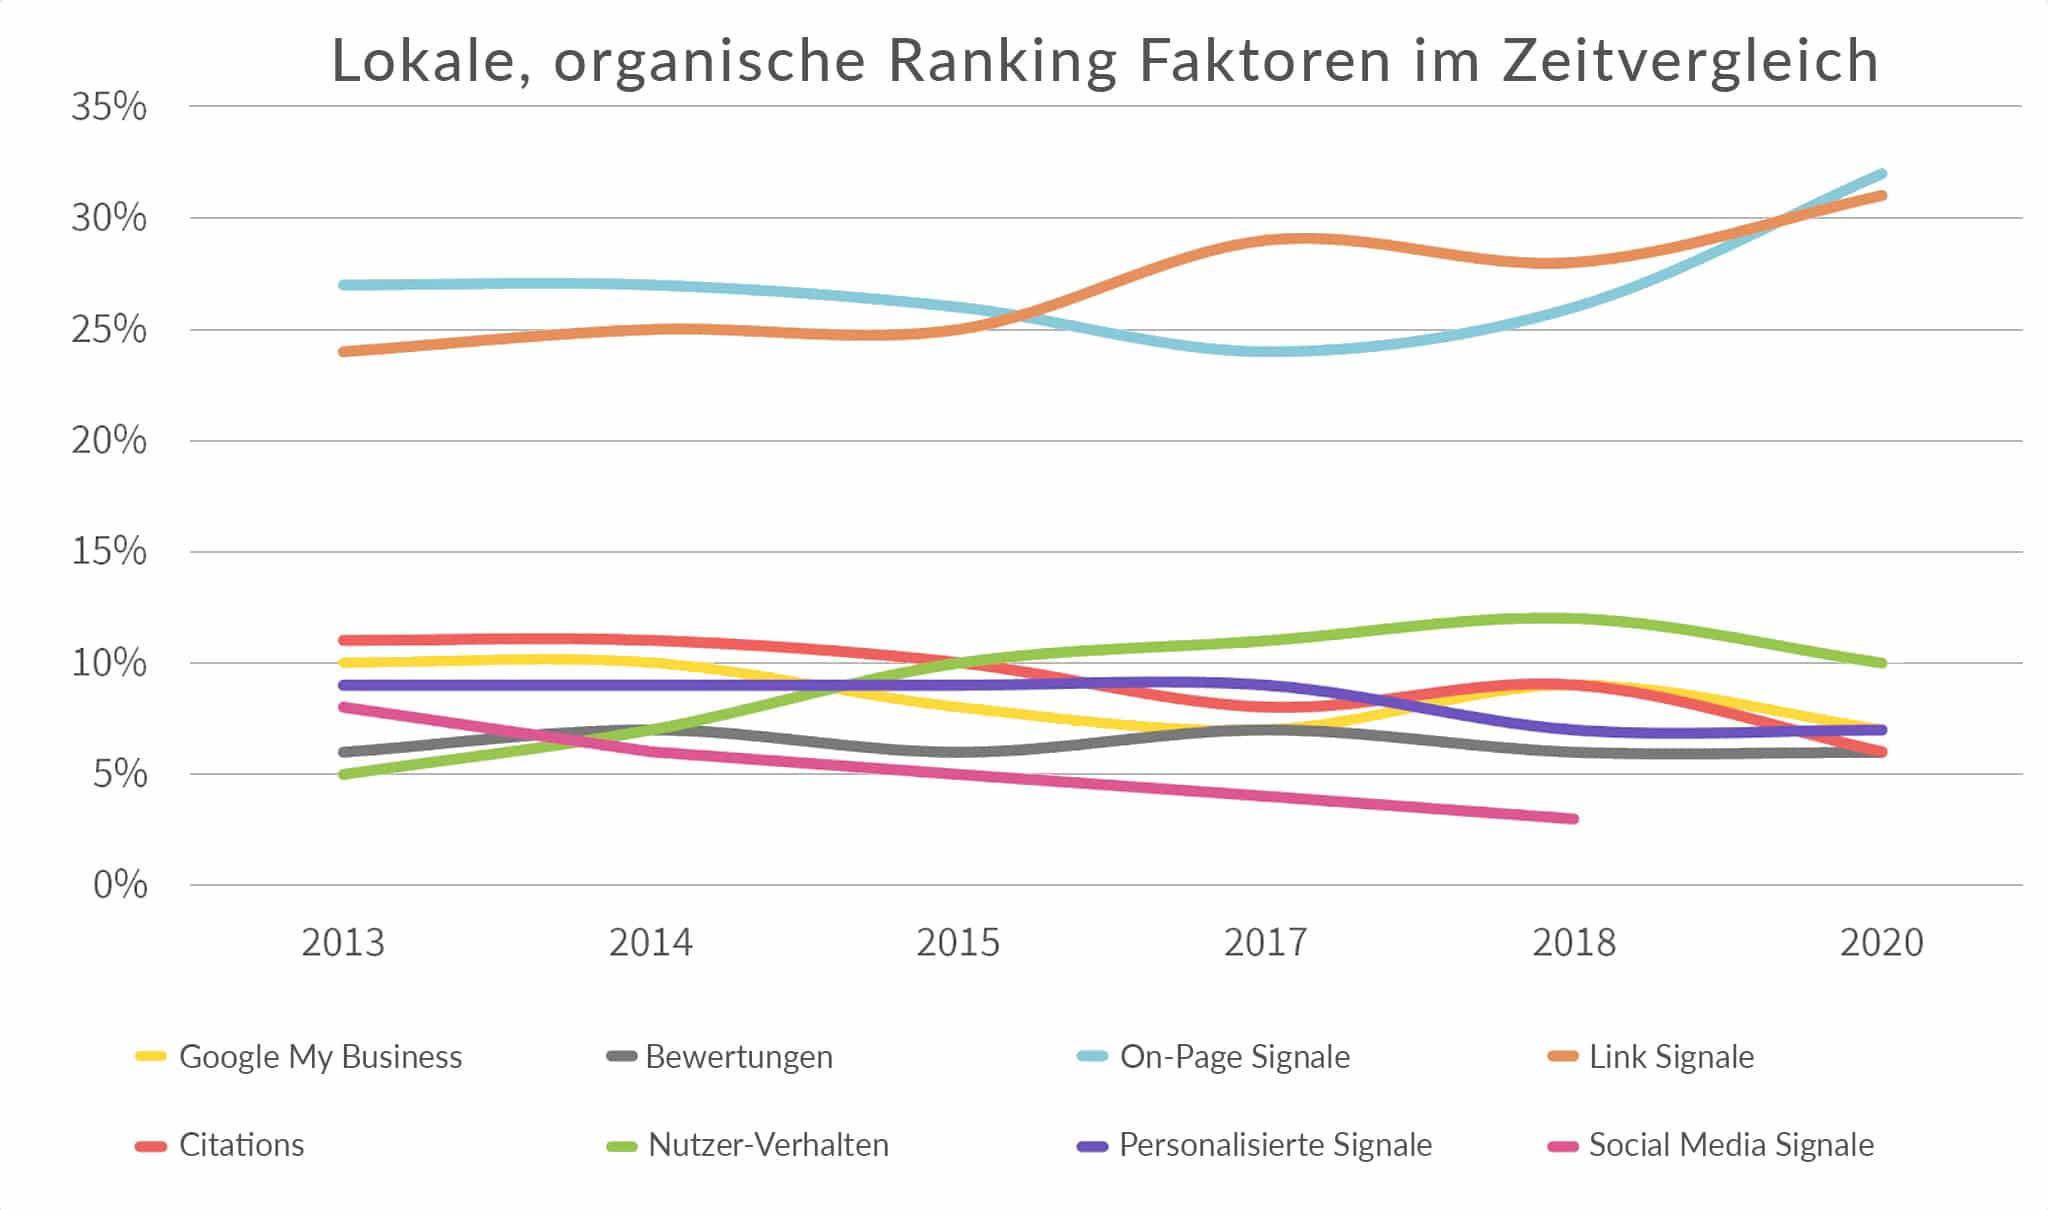 netzpunkte-google-ranking-faktoren-lokal-organisch-zeitvergleich-B